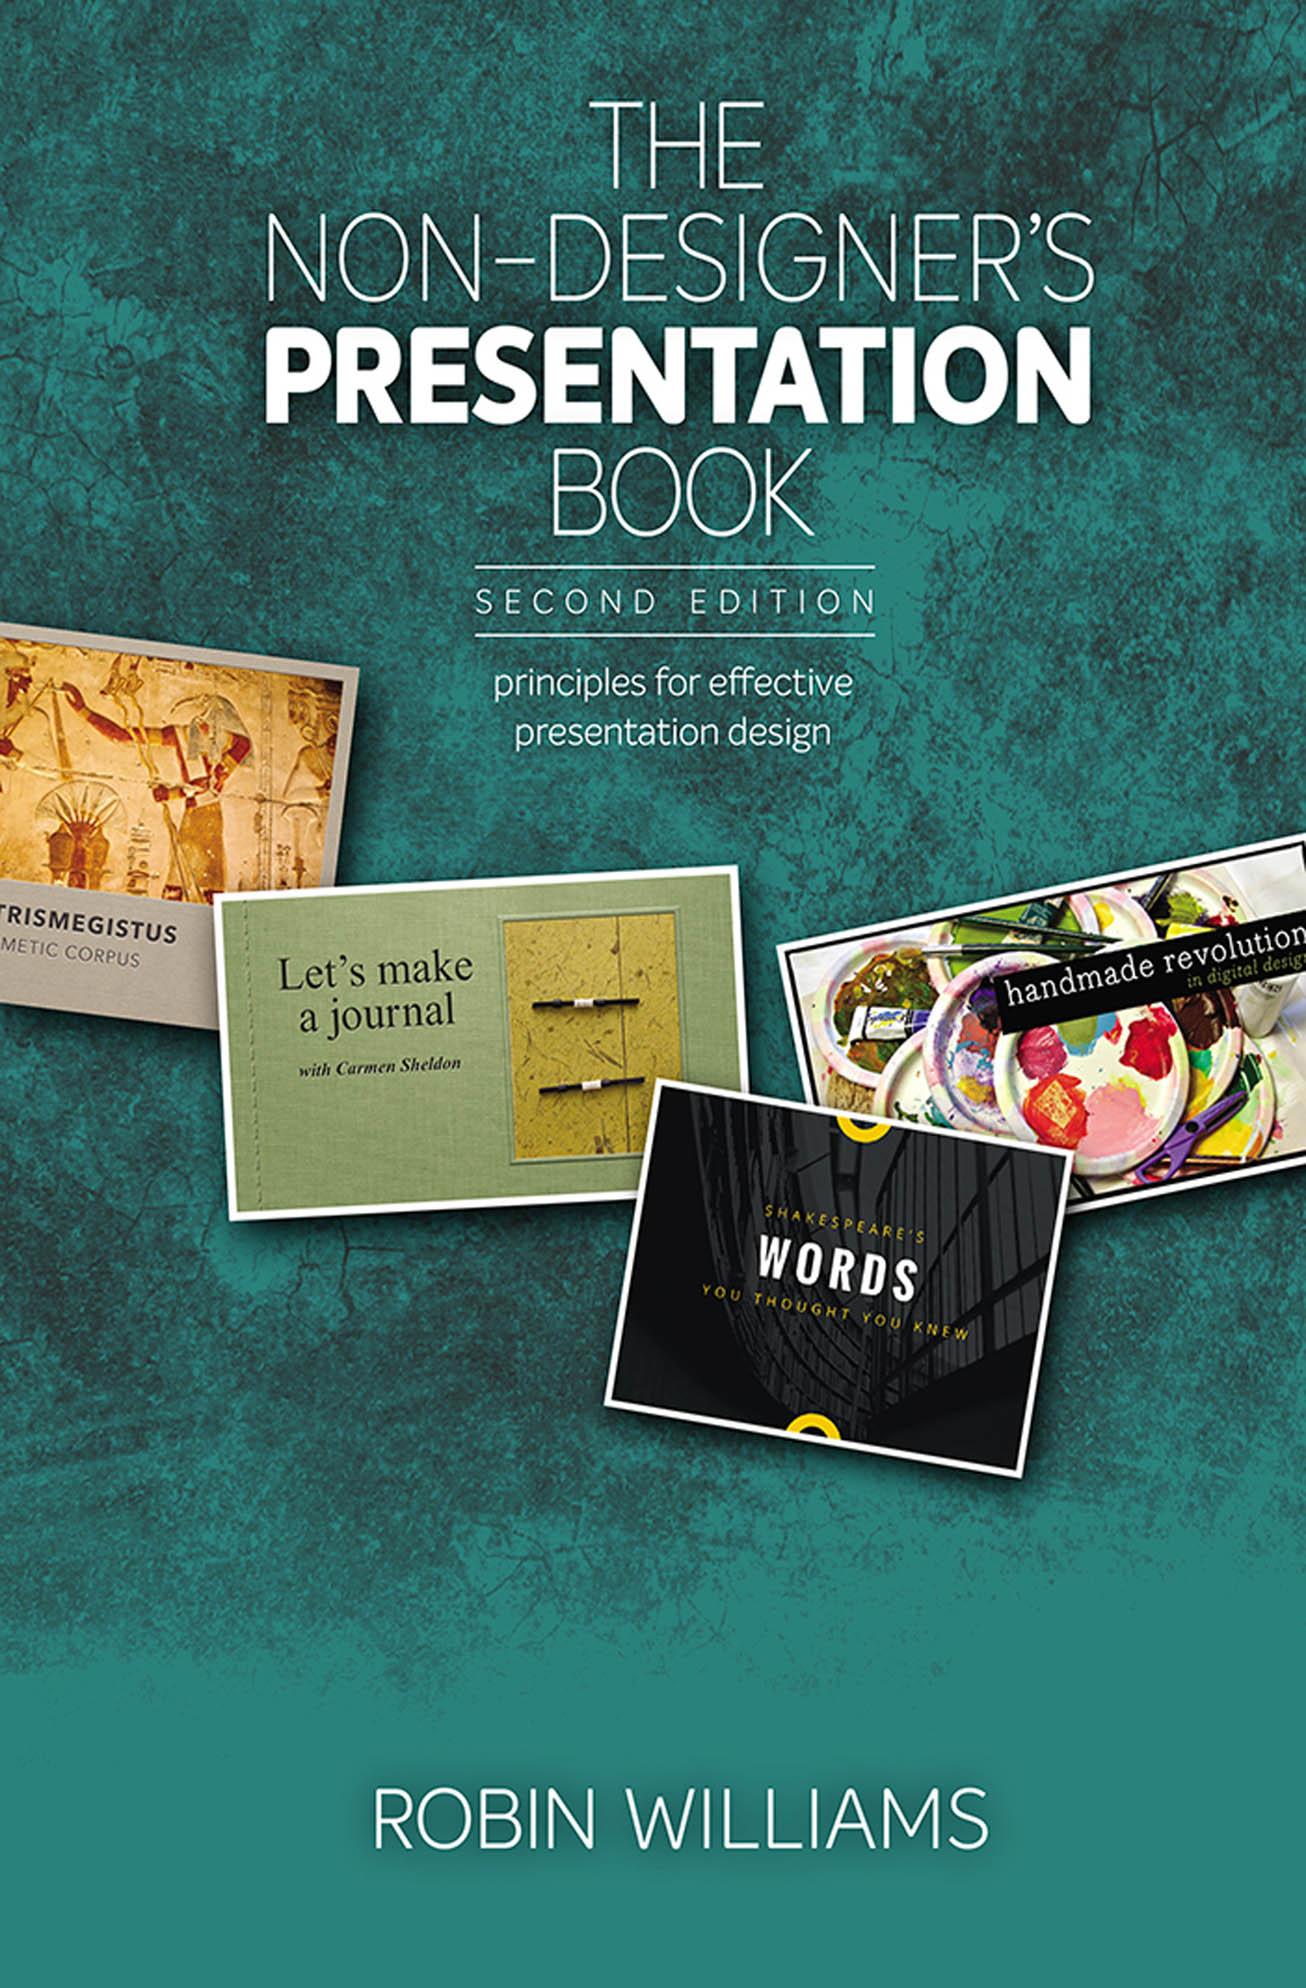 Download Ebook The Non-Designer's Presentation Book (2nd ed.) by Robin Williams Pdf